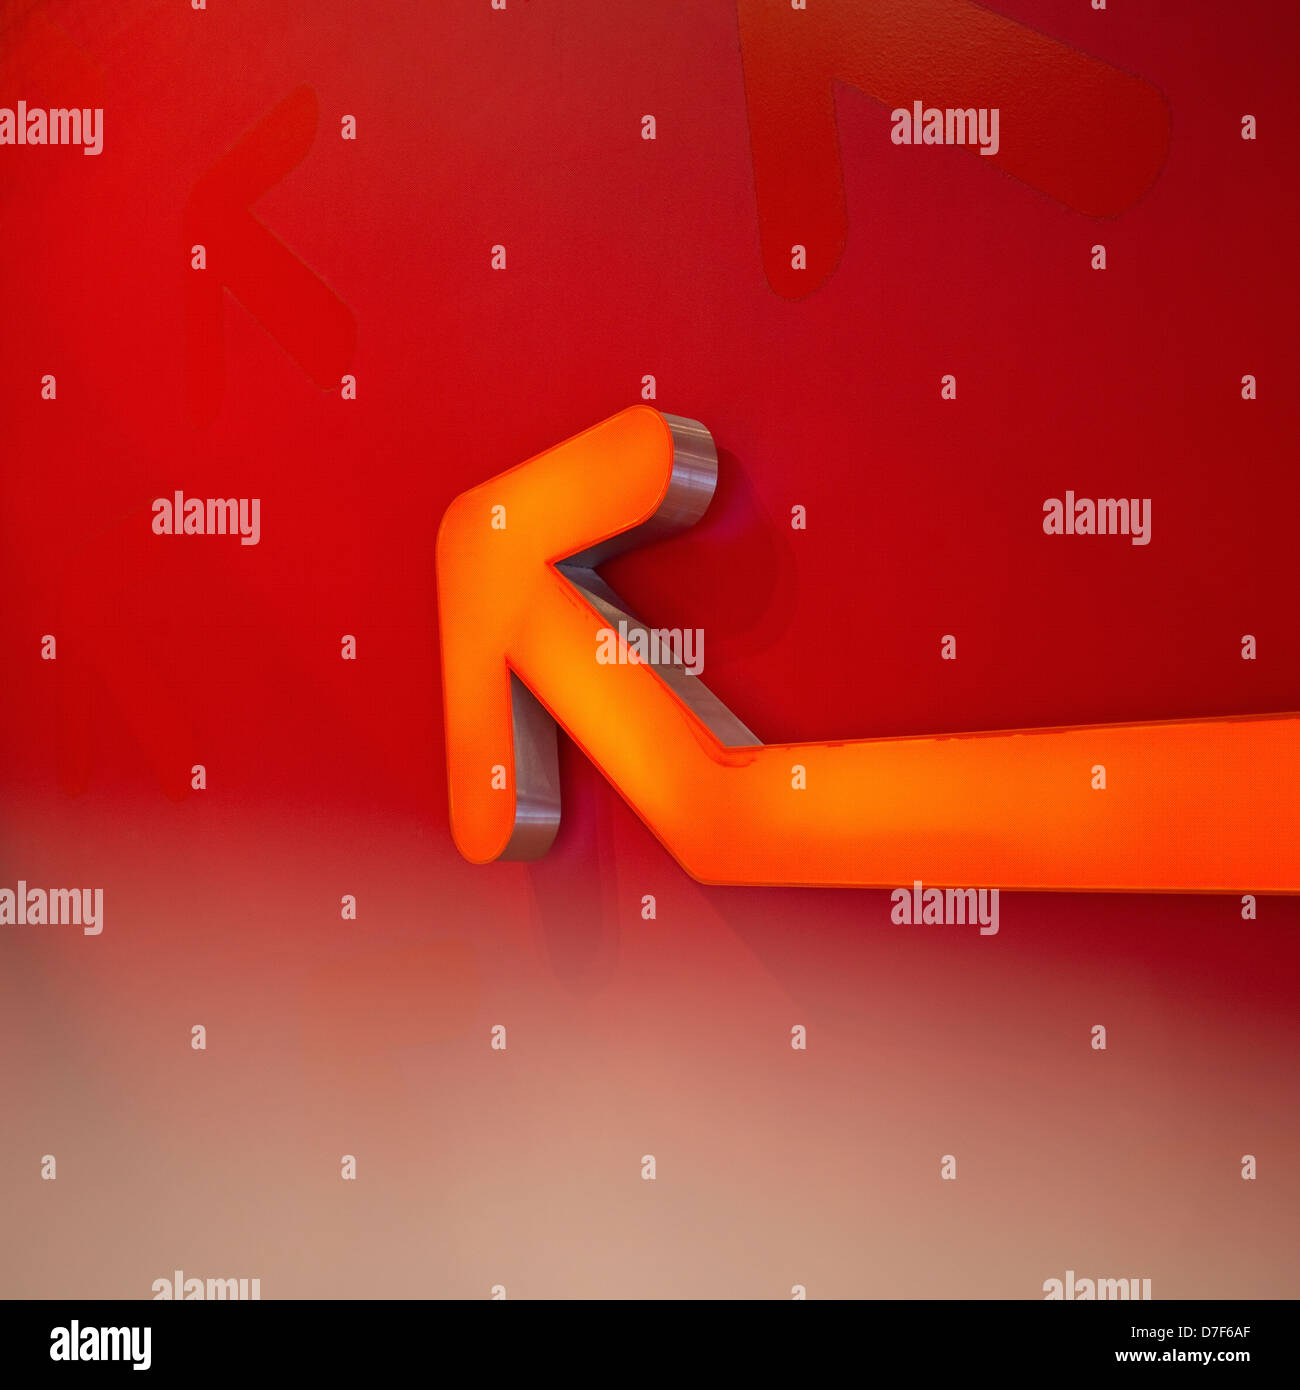 Un neon orange freccia indica la direzione di sopra a un altro livello Immagini Stock